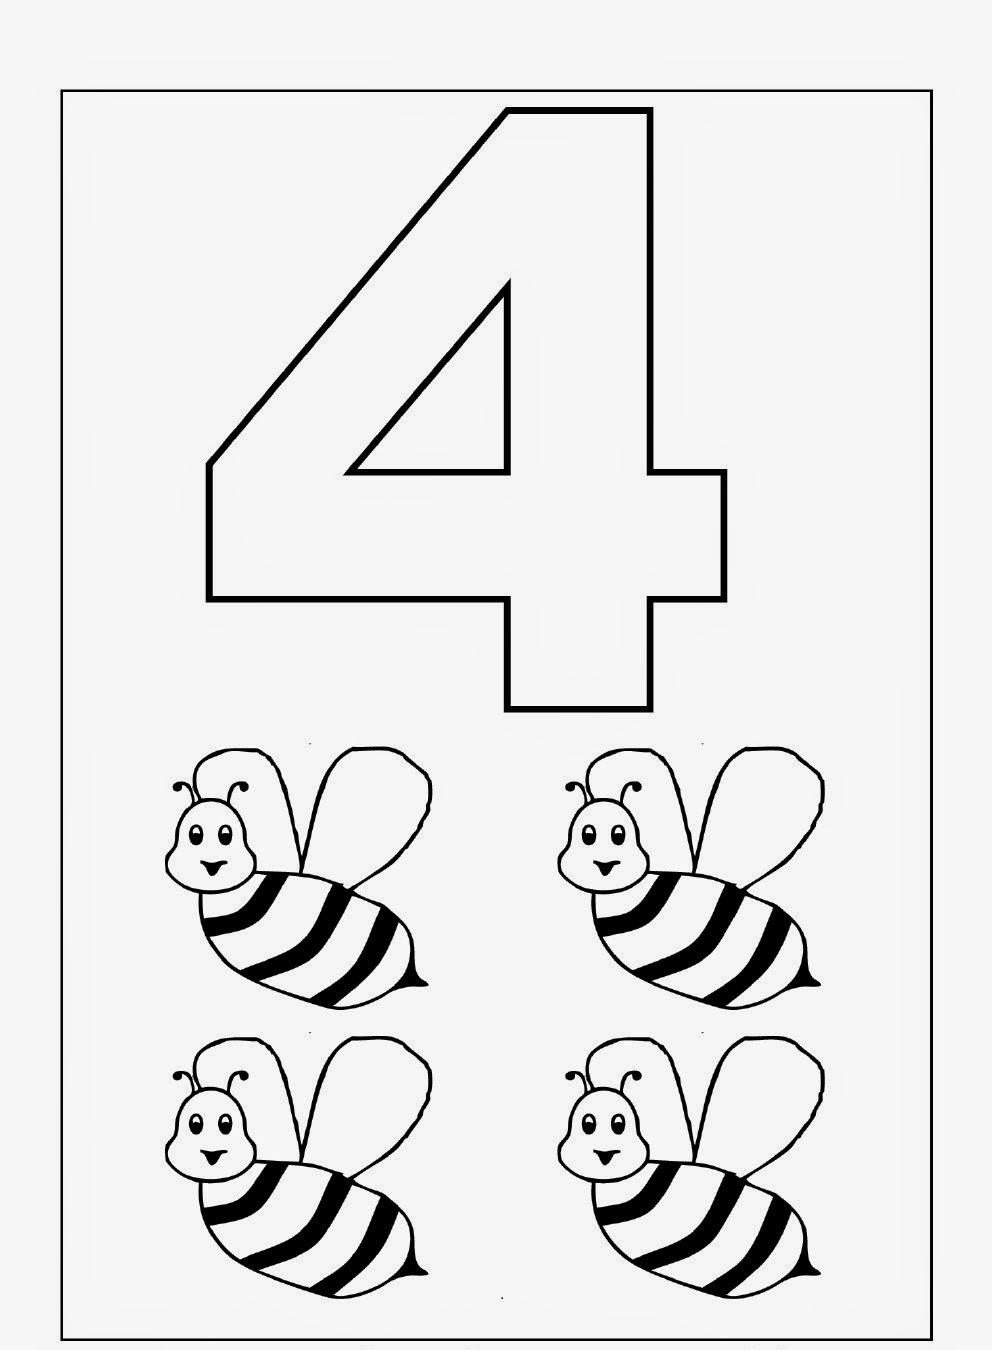 Kindergarten Worksheets: Coloring Worksheets - Maths 1-10   free coloring worksheets for kindergarten